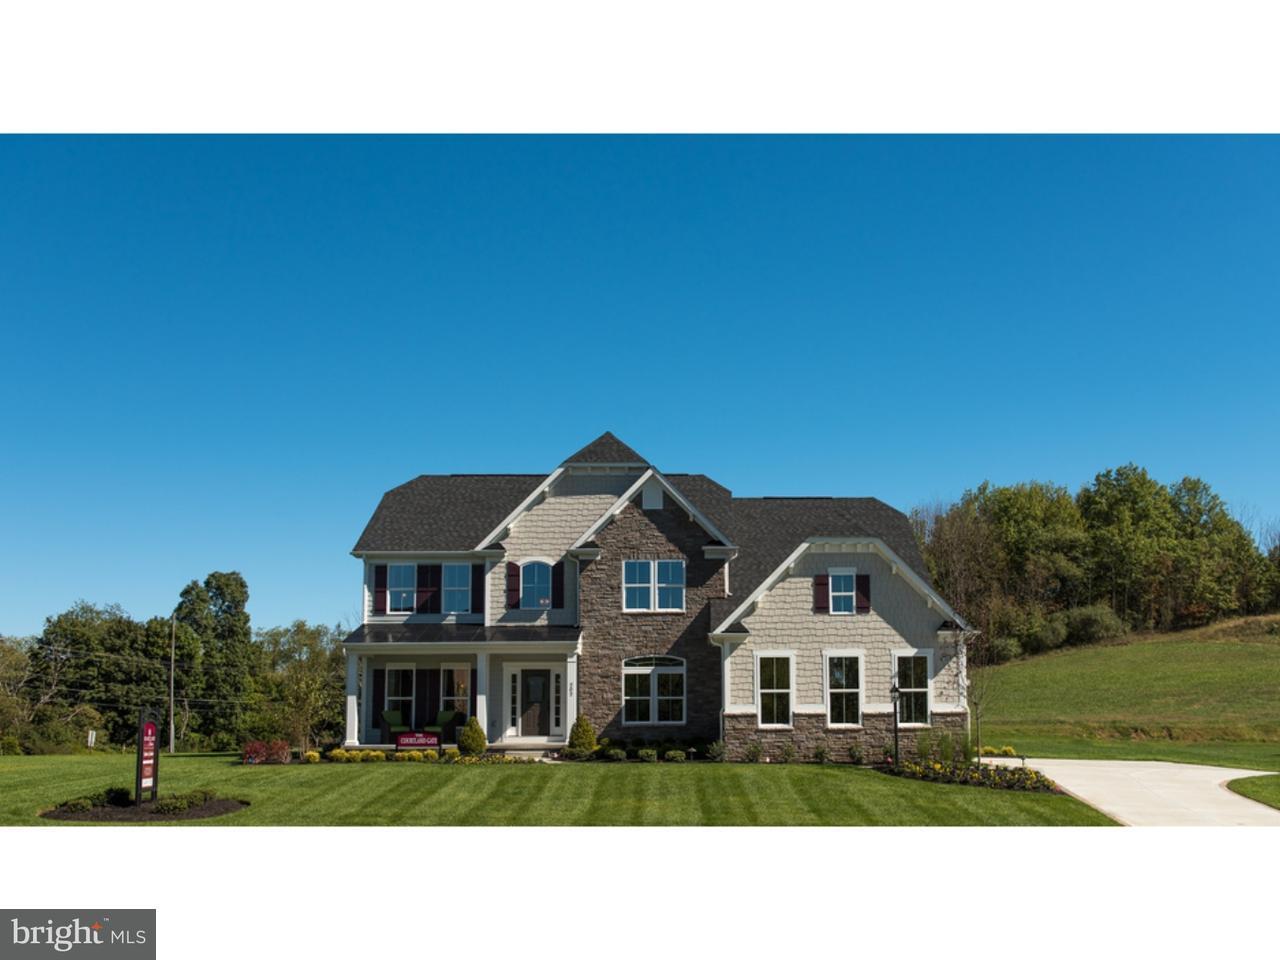 Maison unifamiliale pour l Vente à 5 PEAR TREE Court Delran Township, New Jersey 08075 États-Unis